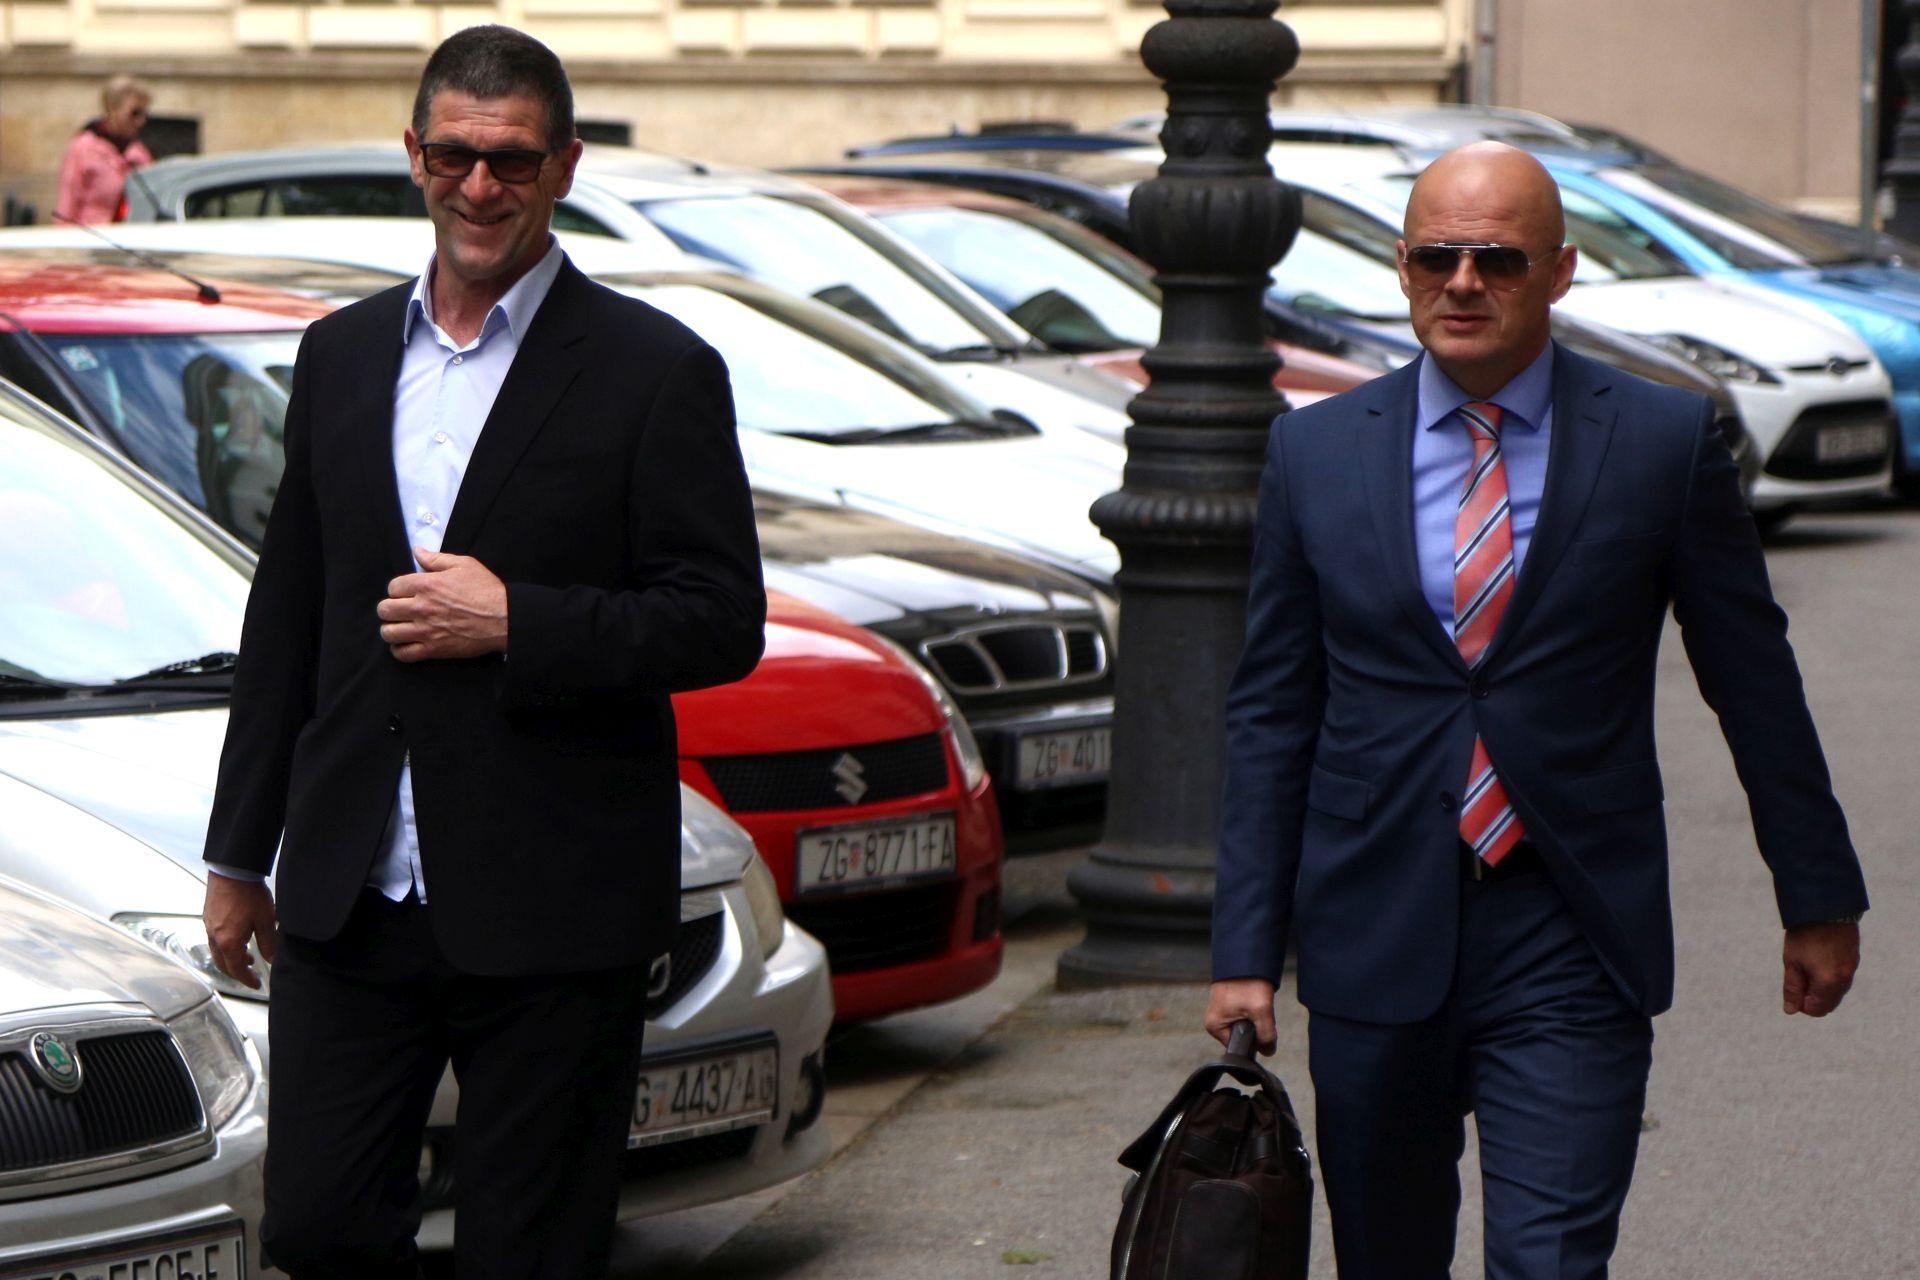 AFERA RIBAR: Obrana smatra da su Uskokovi dokazi protiv Sinovčića nezakoniti